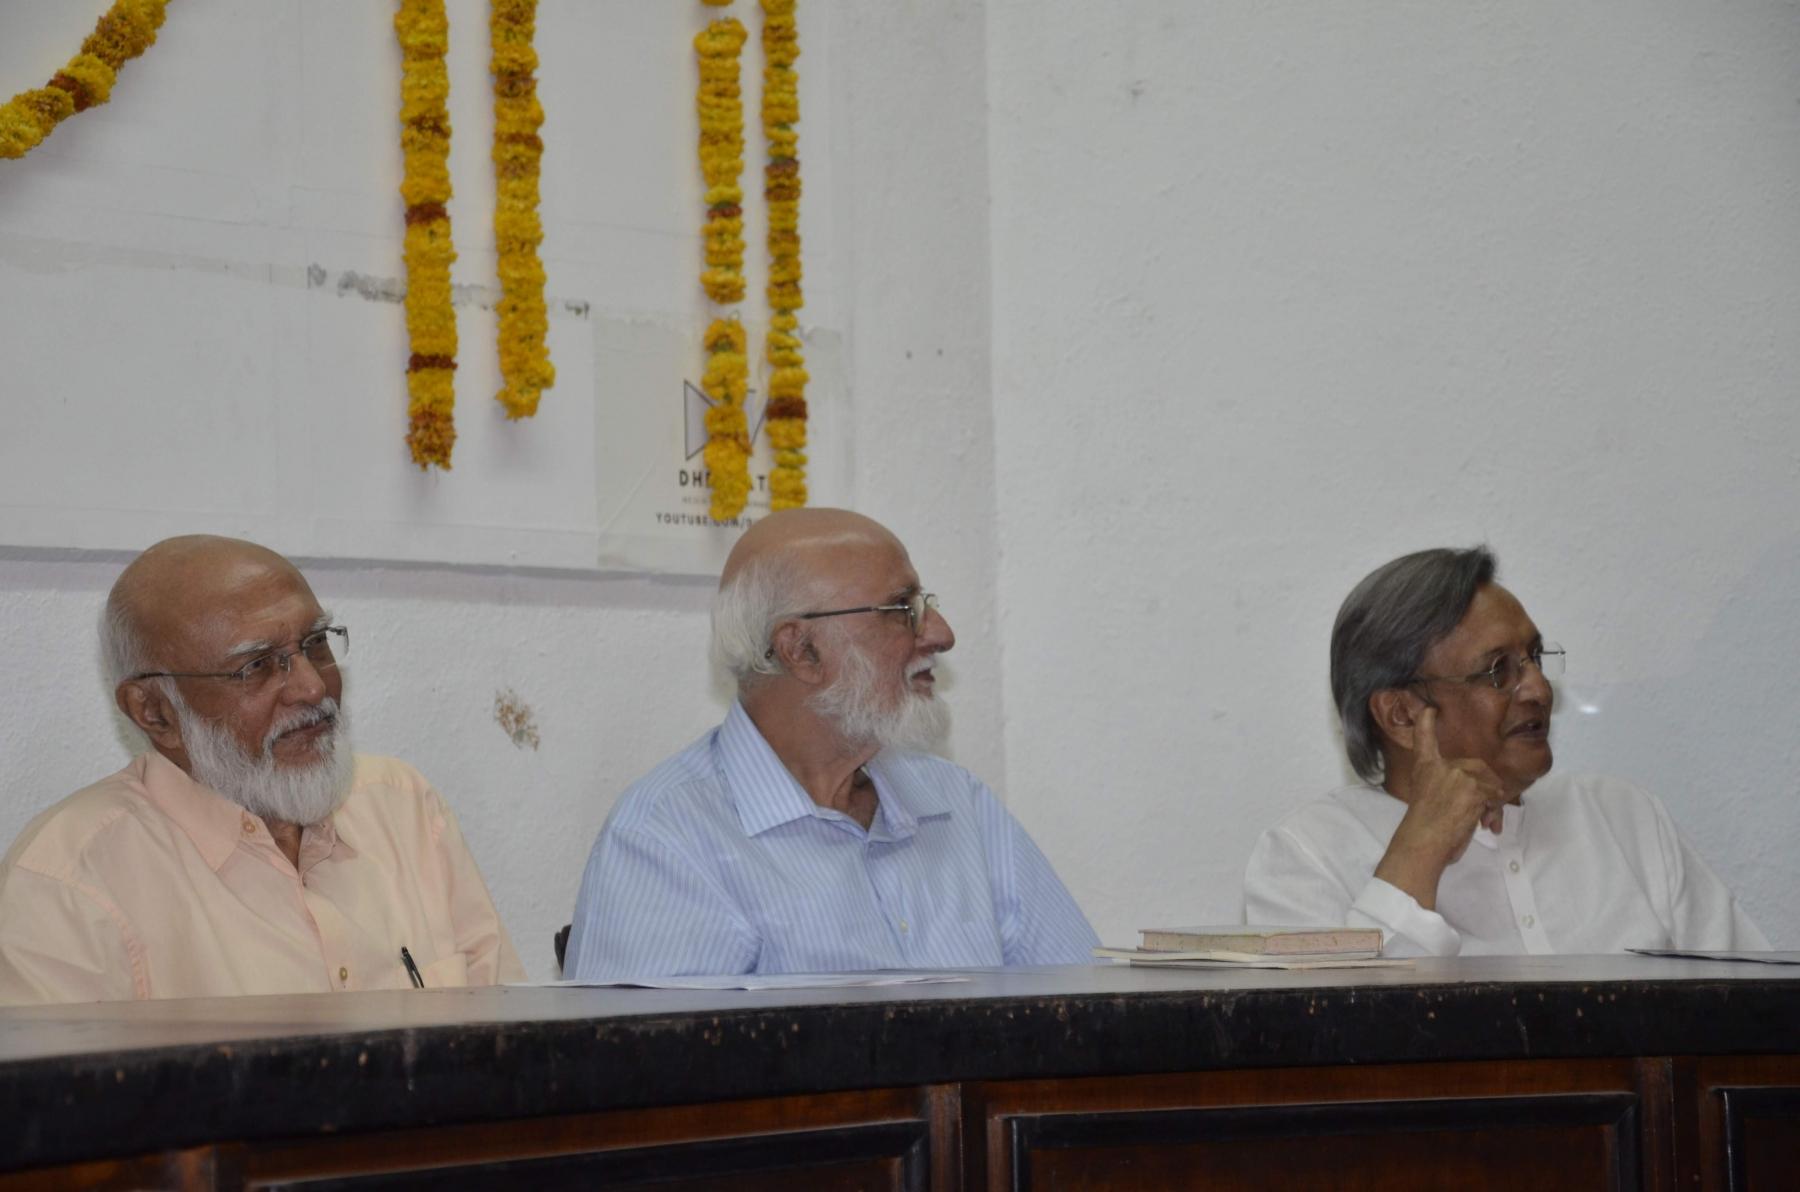 Shri Prafullbhai, Shri Sitanshubhai, Shri Shaileshbhai